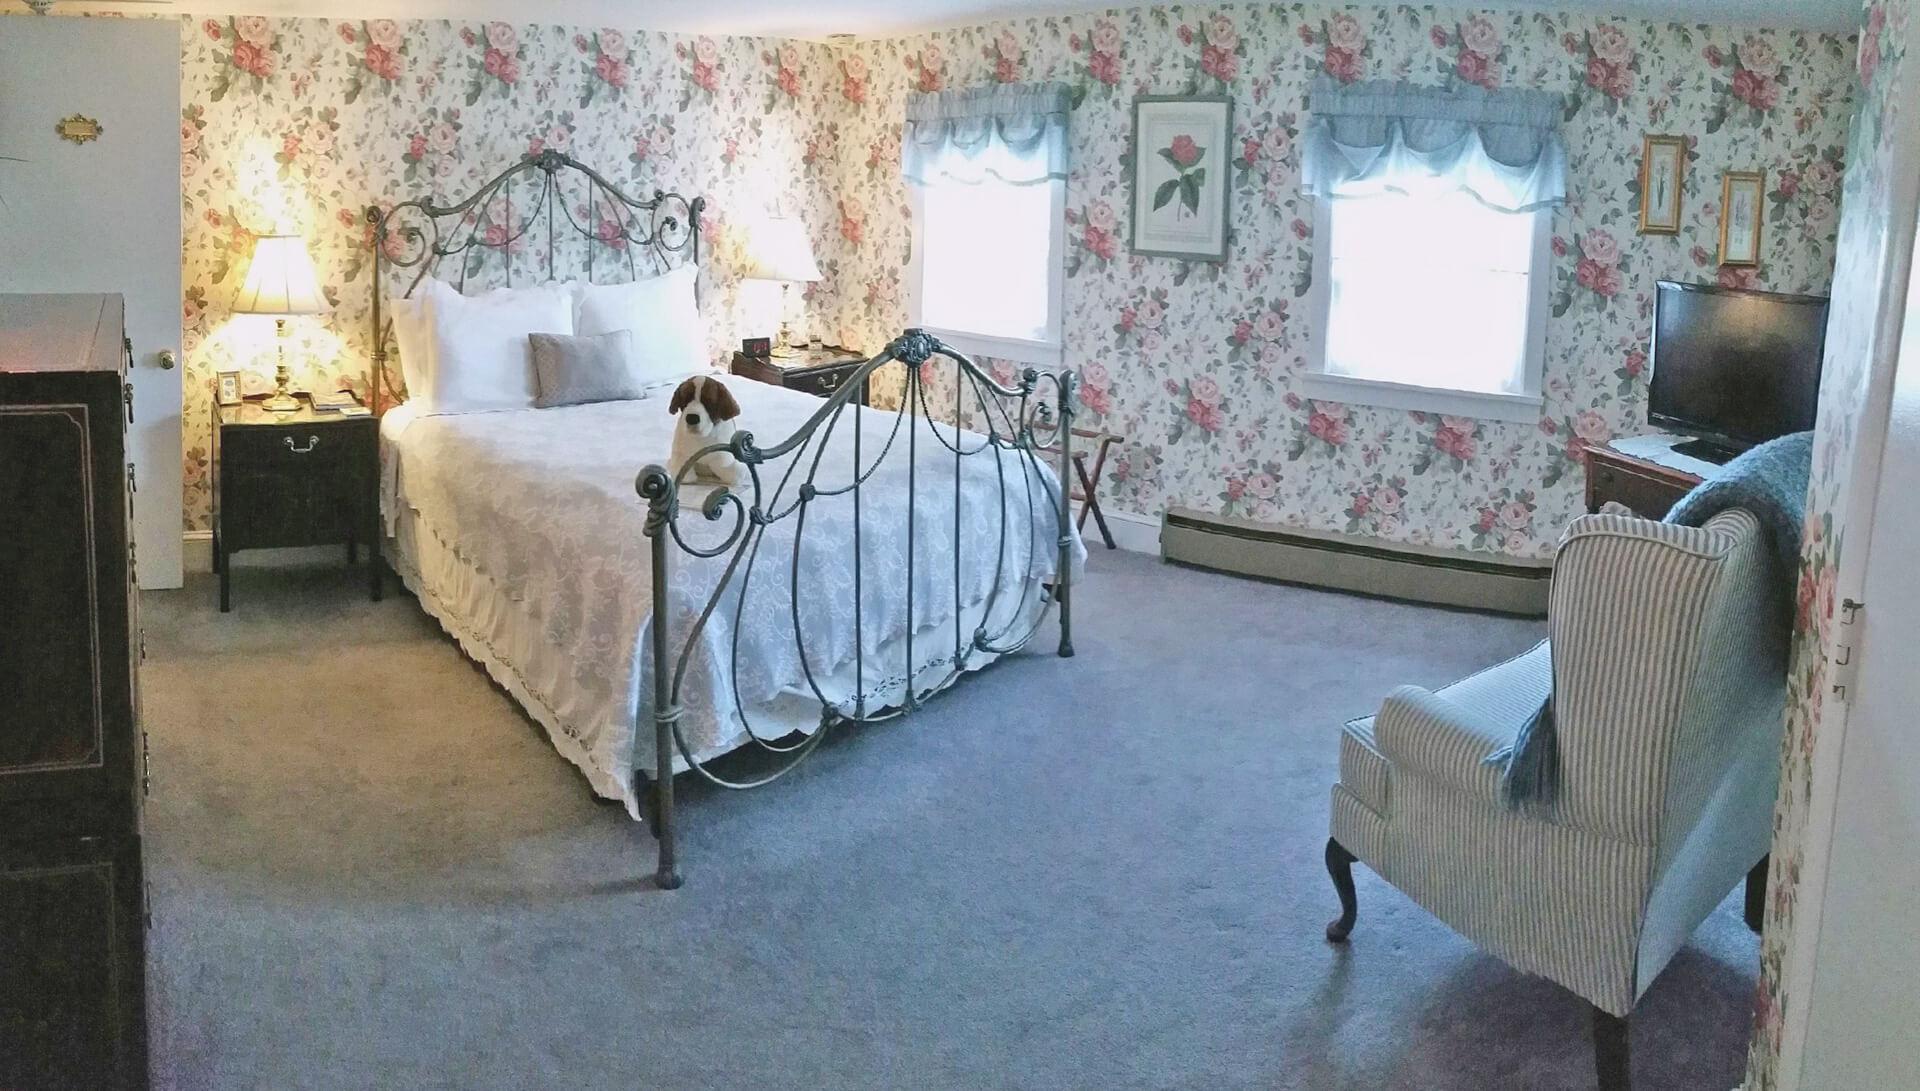 Conrey Room